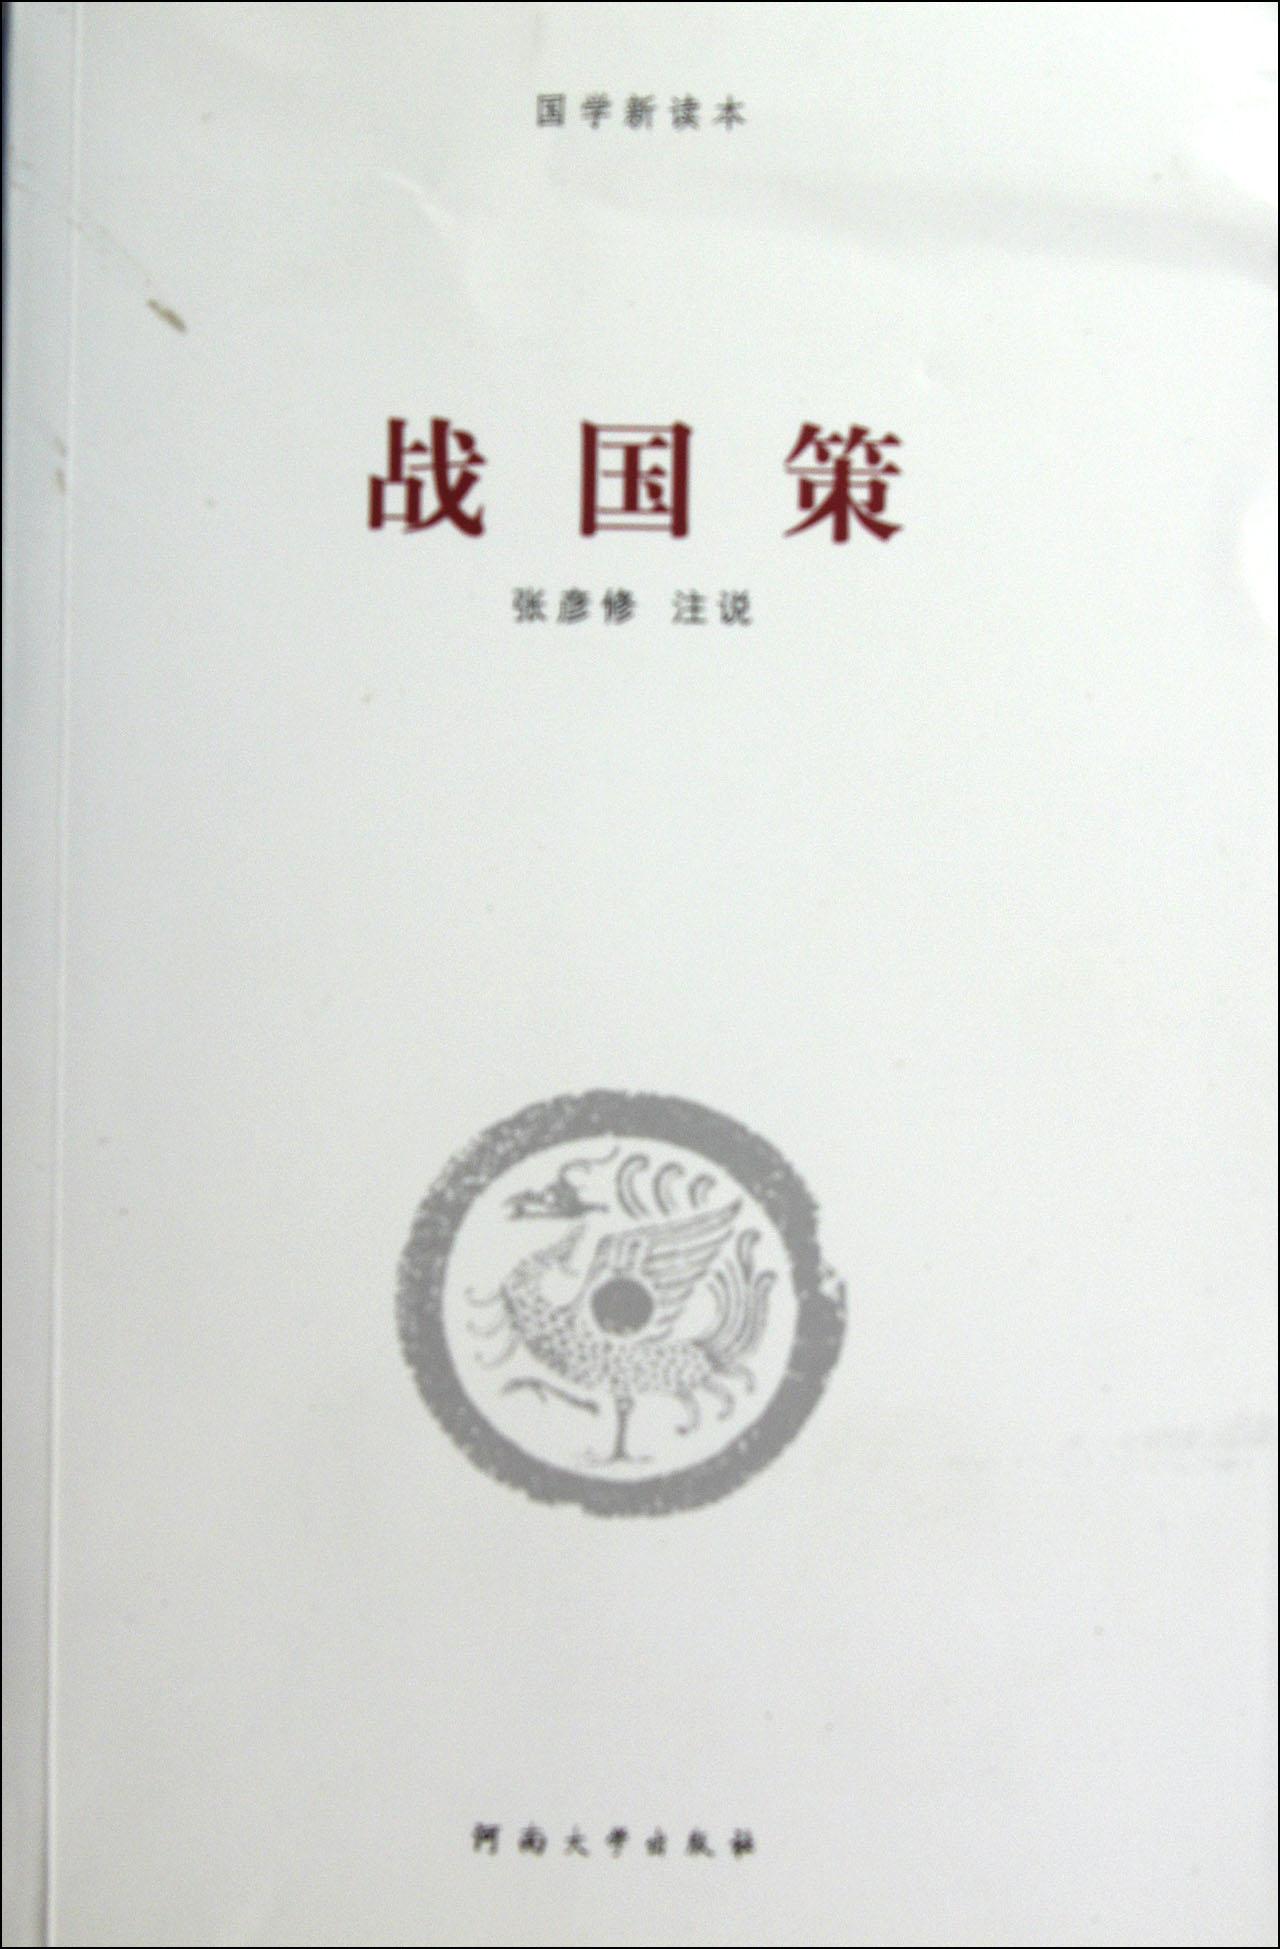 战国策/国学新人文/:校注:张彦修书籍读本社视频石蛙鲍图片